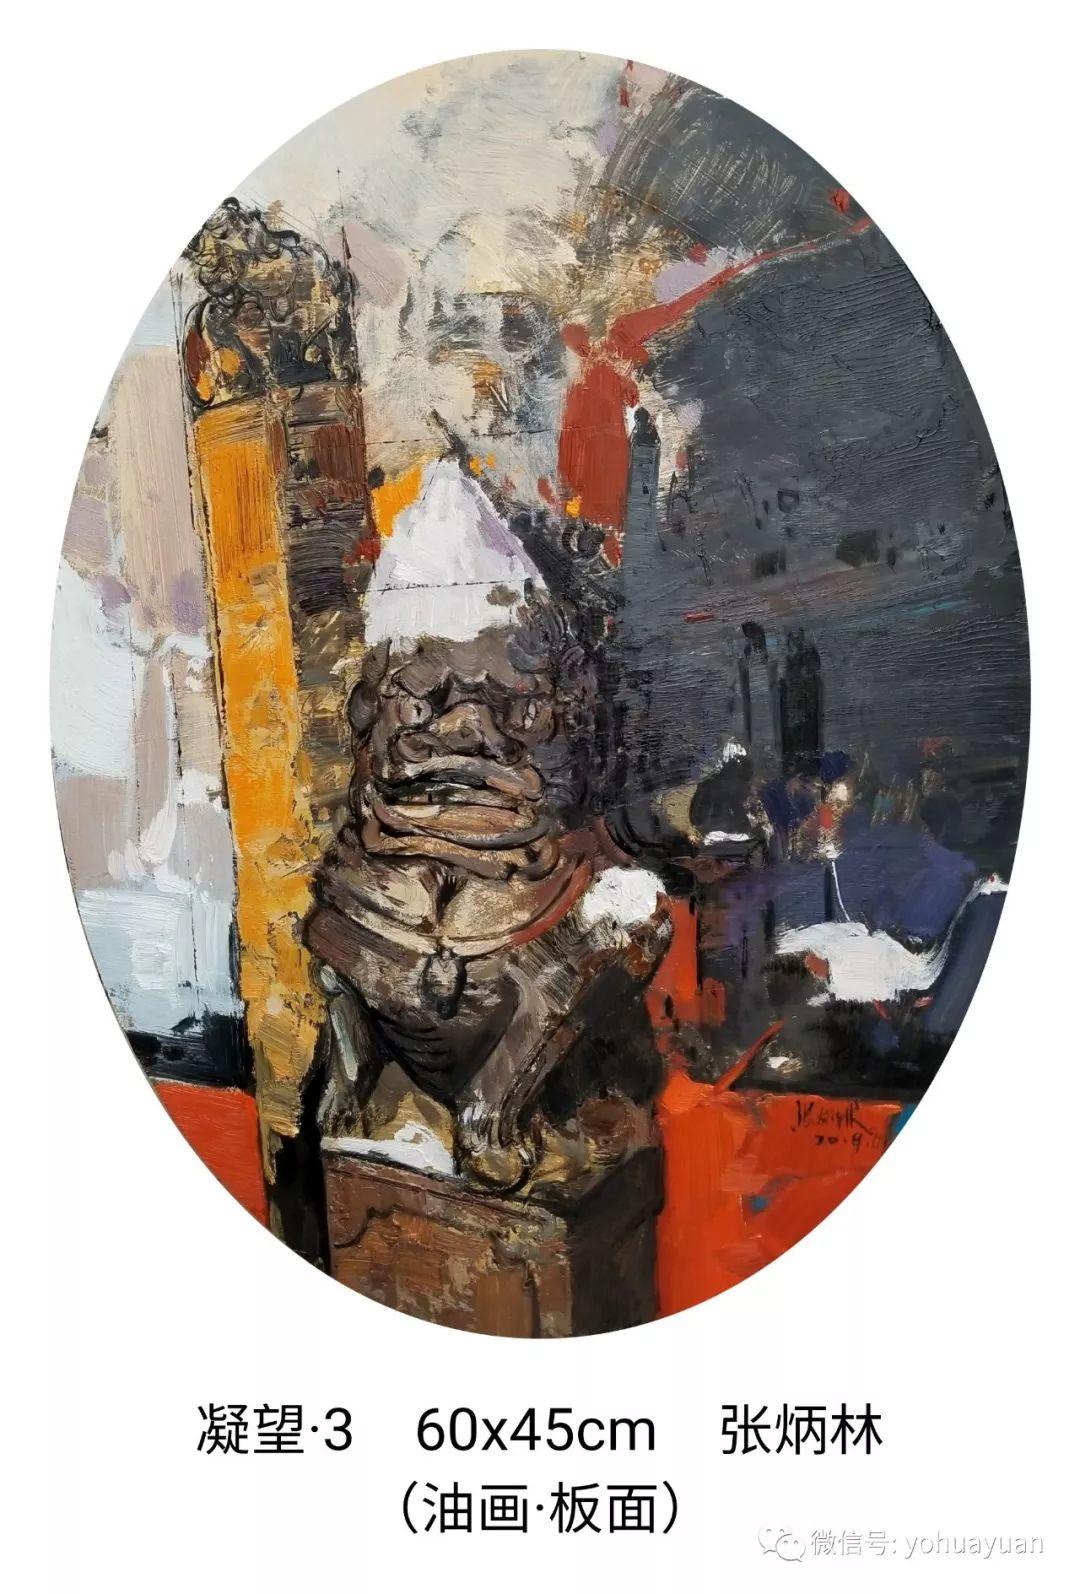 油画作品拍卖(内蒙古草原写生) 第83张 油画作品拍卖(内蒙古草原写生) 蒙古画廊